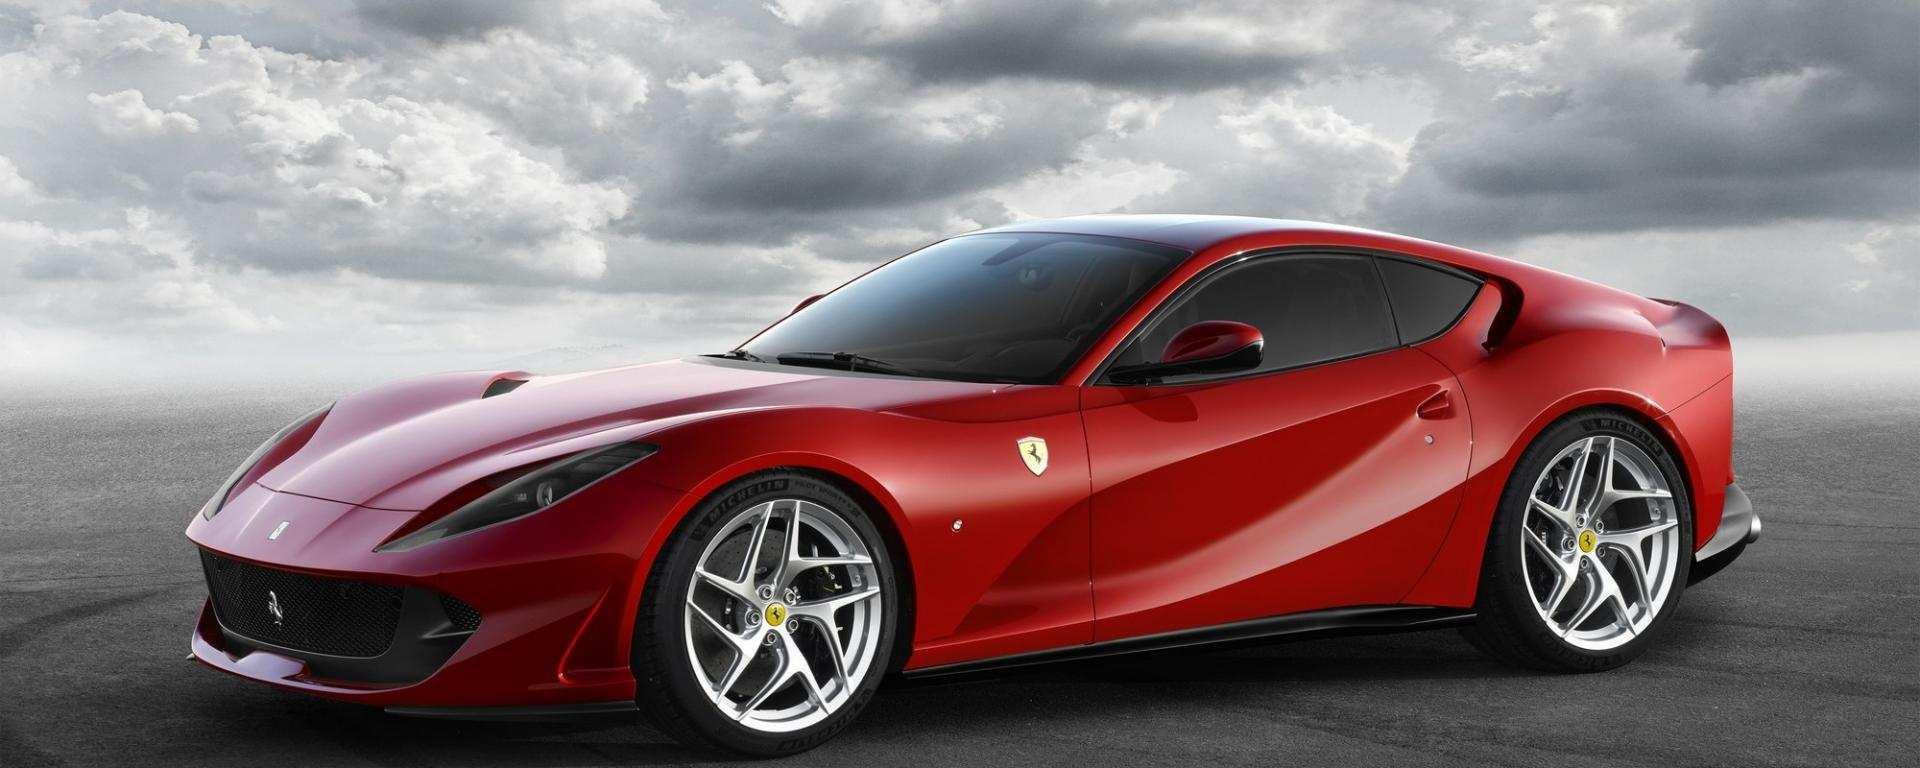 37 All New Ferrari Modelli 2019 Picture for Ferrari Modelli 2019